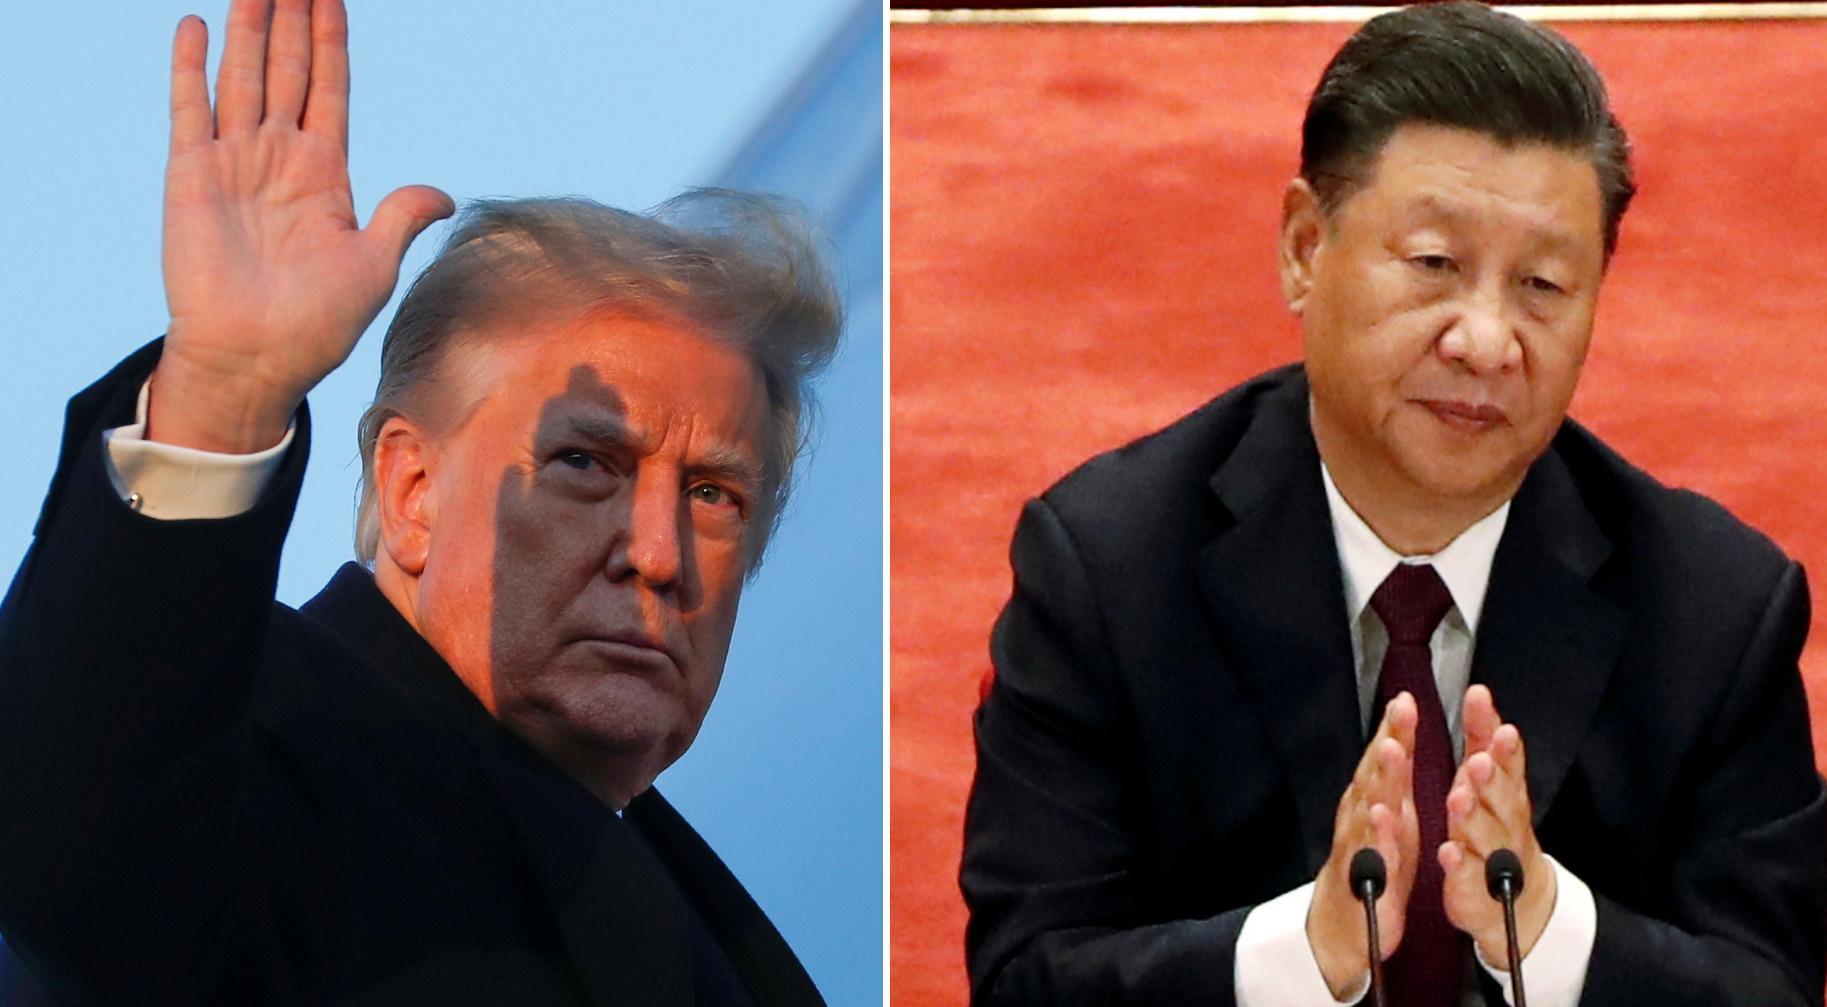 Νέες «φουρτούνες» στις σχέσεις ΗΠΑ – Κίνας: Πλήρωνε η Κίνα επιθέσεις σε Αμερικανούς στο Αφγανιστάν;